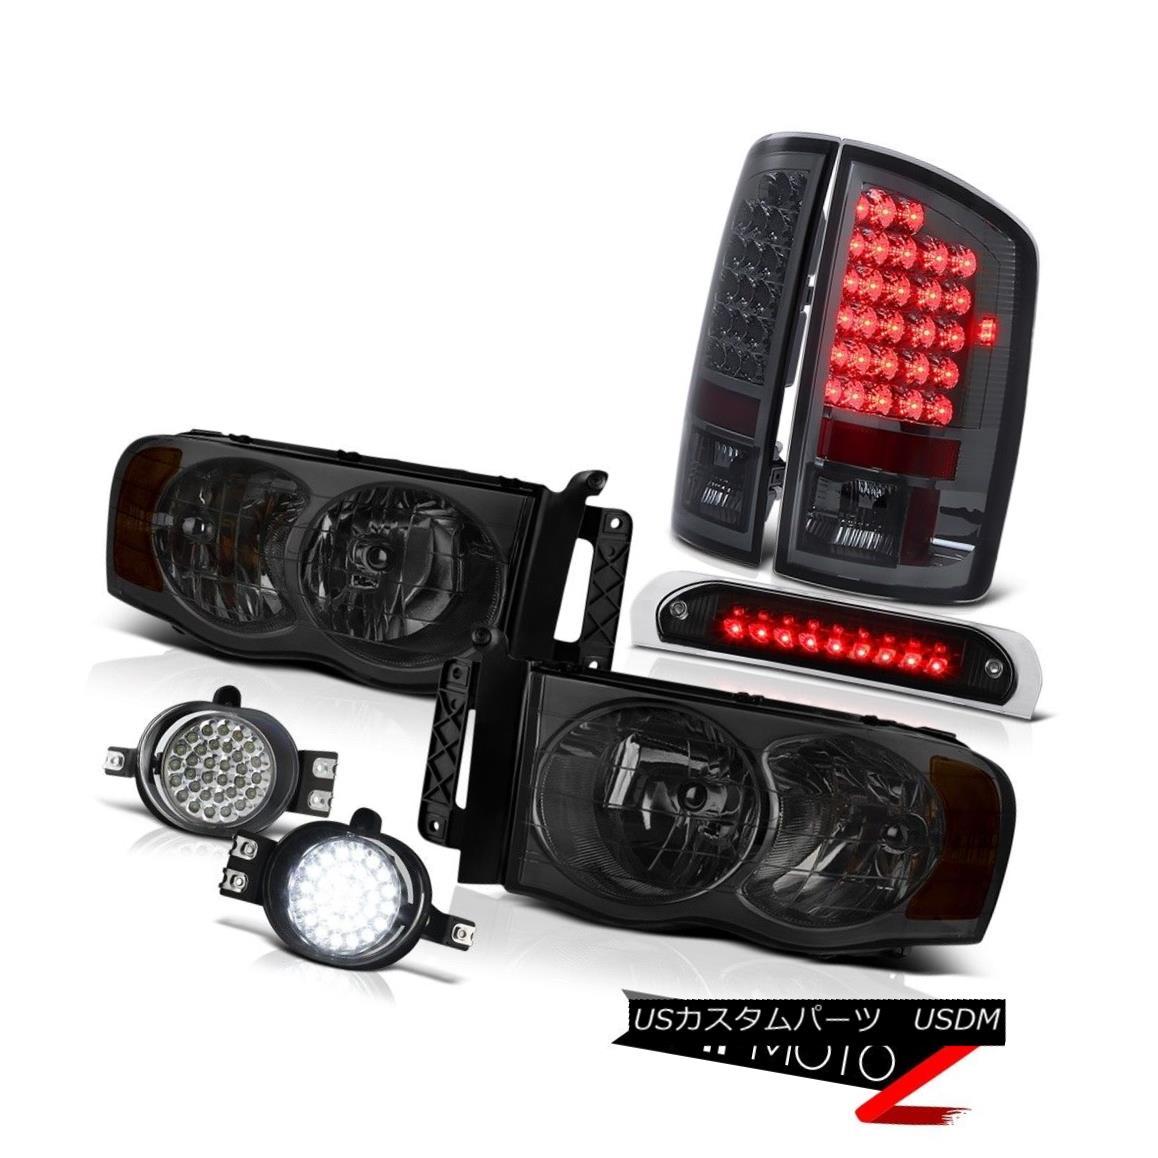 ヘッドライト 2002-2005 Ram SLT Headlights LEFT RIGHT LED Tail Lights Wiring+LED Fog High 3rd 2002-2005 Ram SLTヘッドライトLEFT RIGHT LEDテールライト配線+ LEDフォグHigh 3rd